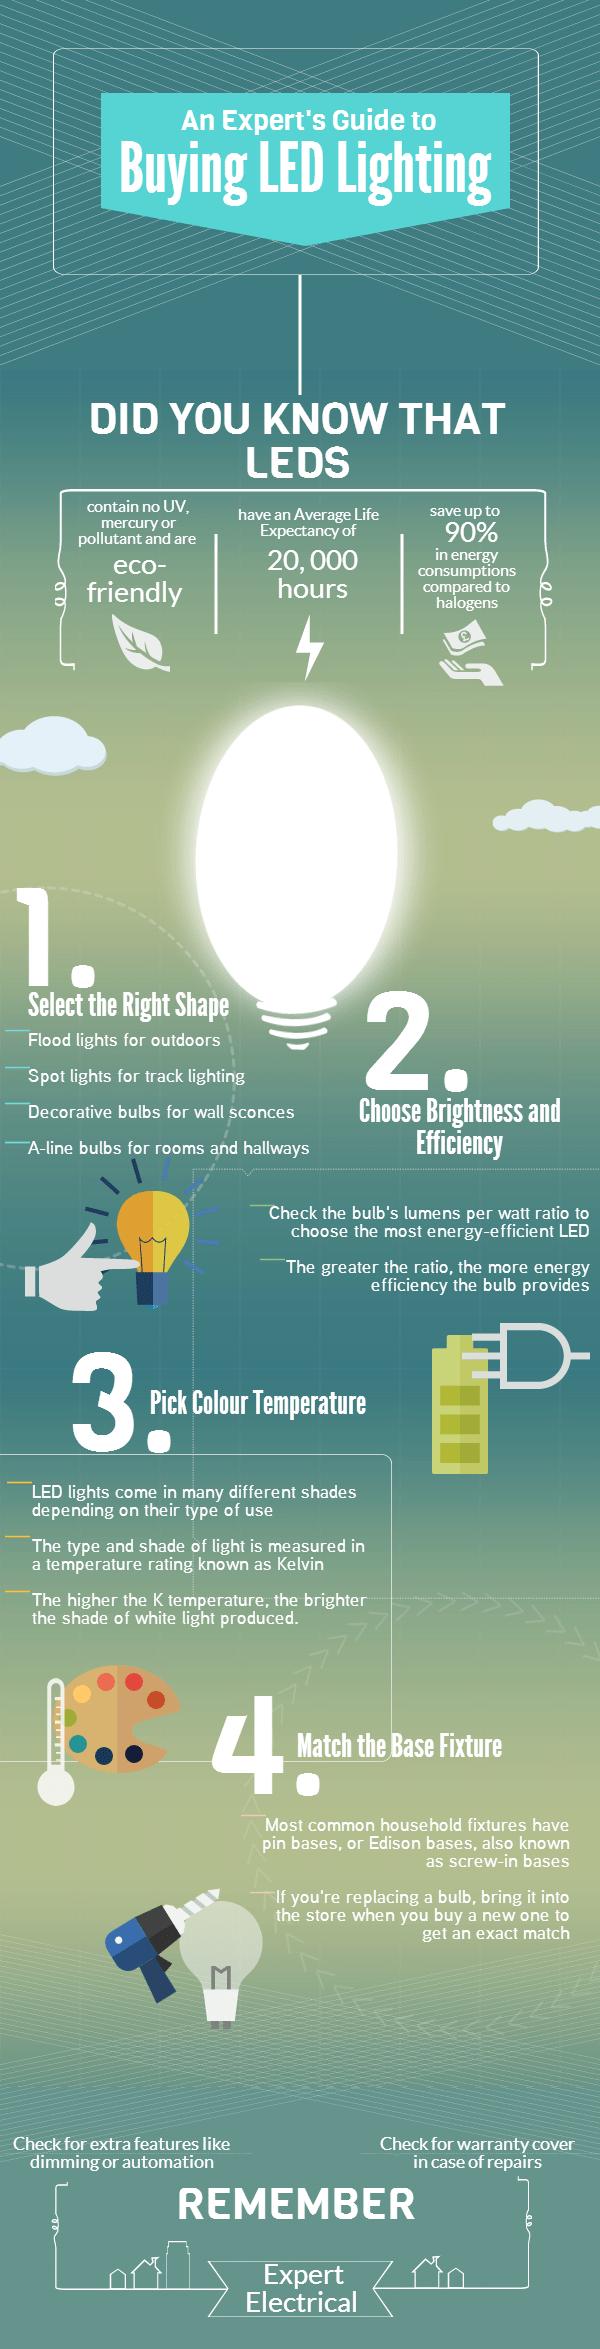 Jak wybrać właściwe LEDy - poradnik